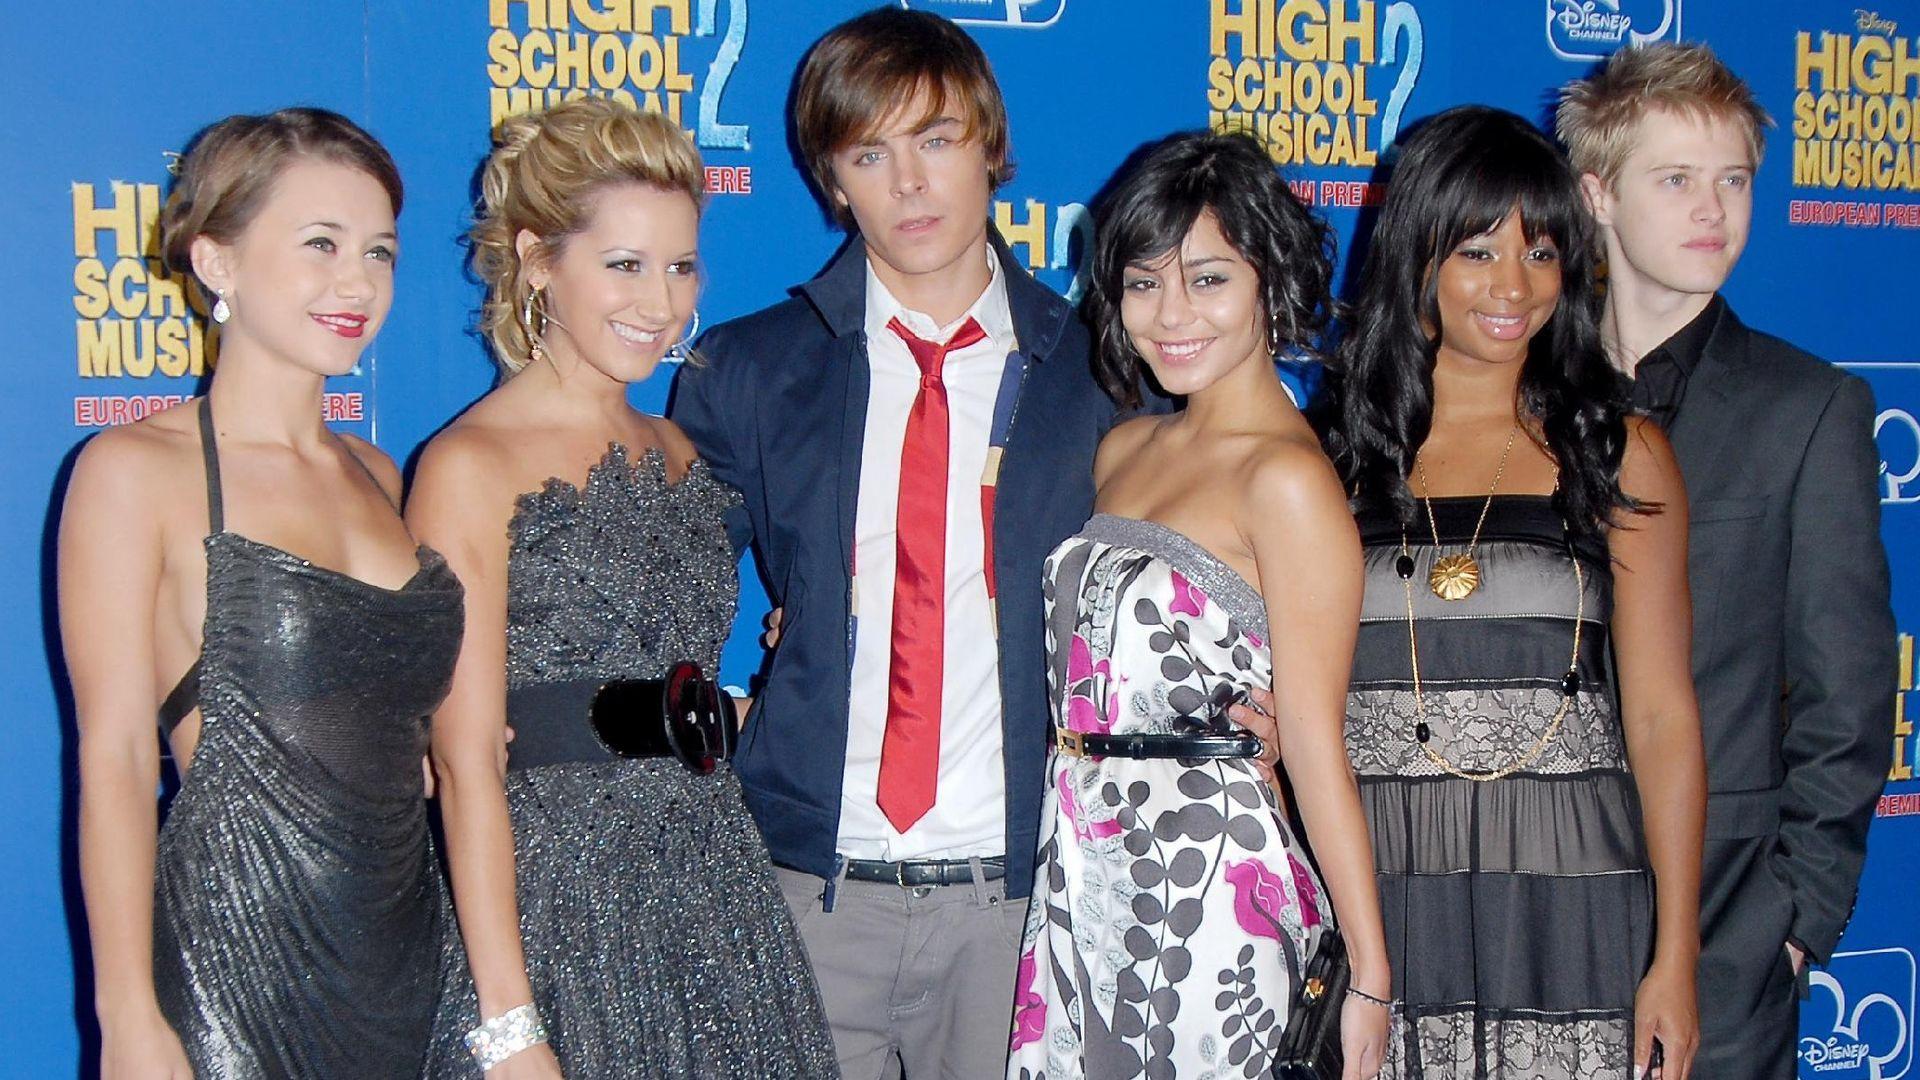 High School Musical 1 Ganzer Film Deutsch